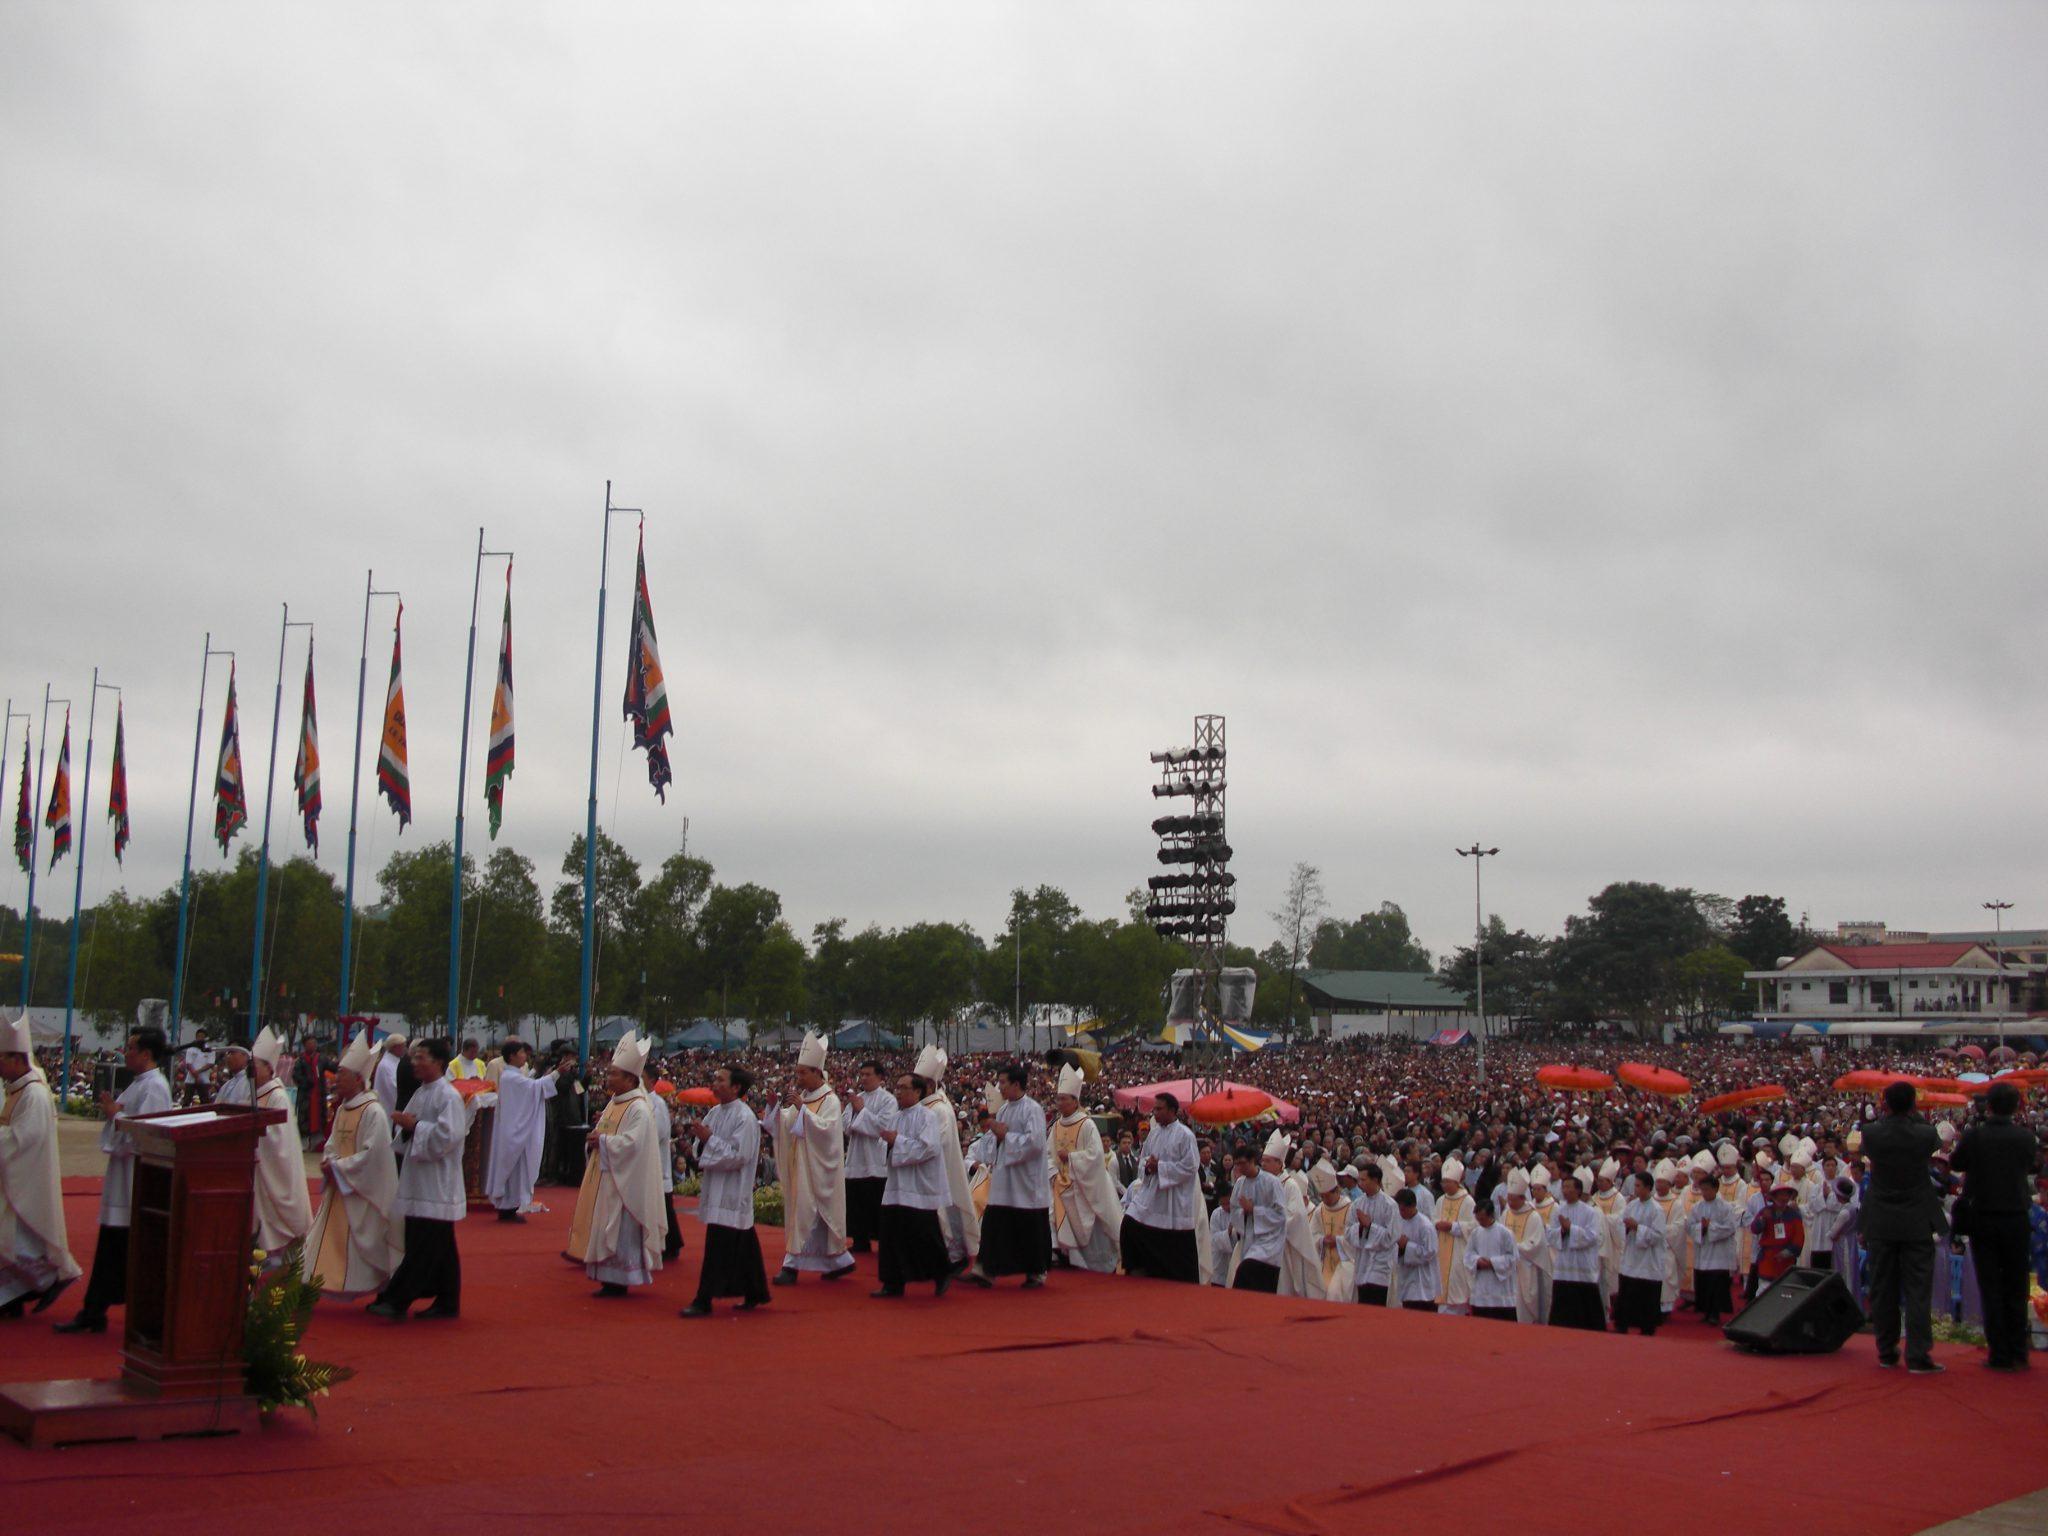 Nhật ký chuyến hành hương đến thánh địa La Vang